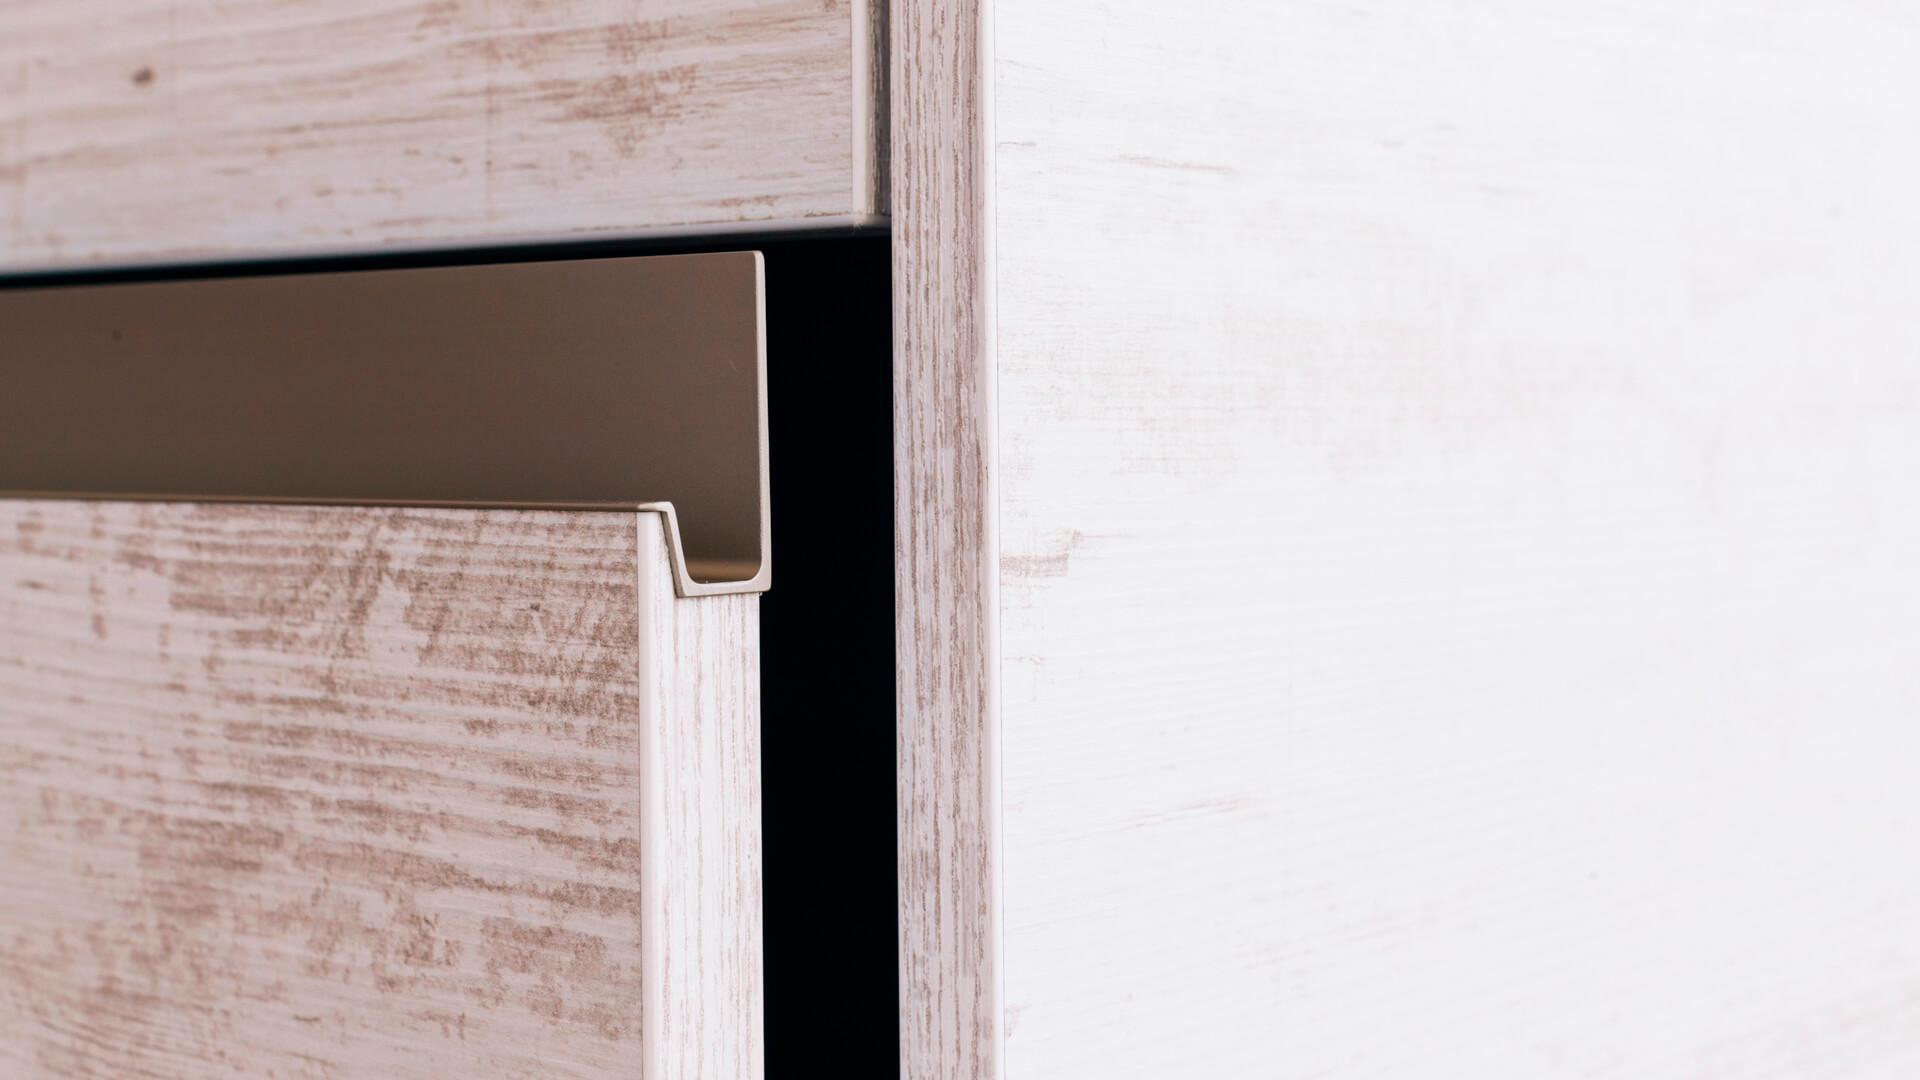 Full Size of Griffe Ffnungssysteme Fr Ihre Kche Ratiomat Arbeitsschuhe Küche Stehhilfe Landhausstil Werkbank Holzregal Grifflose Ikea Miniküche Spüle Pendelleuchten Alno Wohnzimmer Küche Griffe